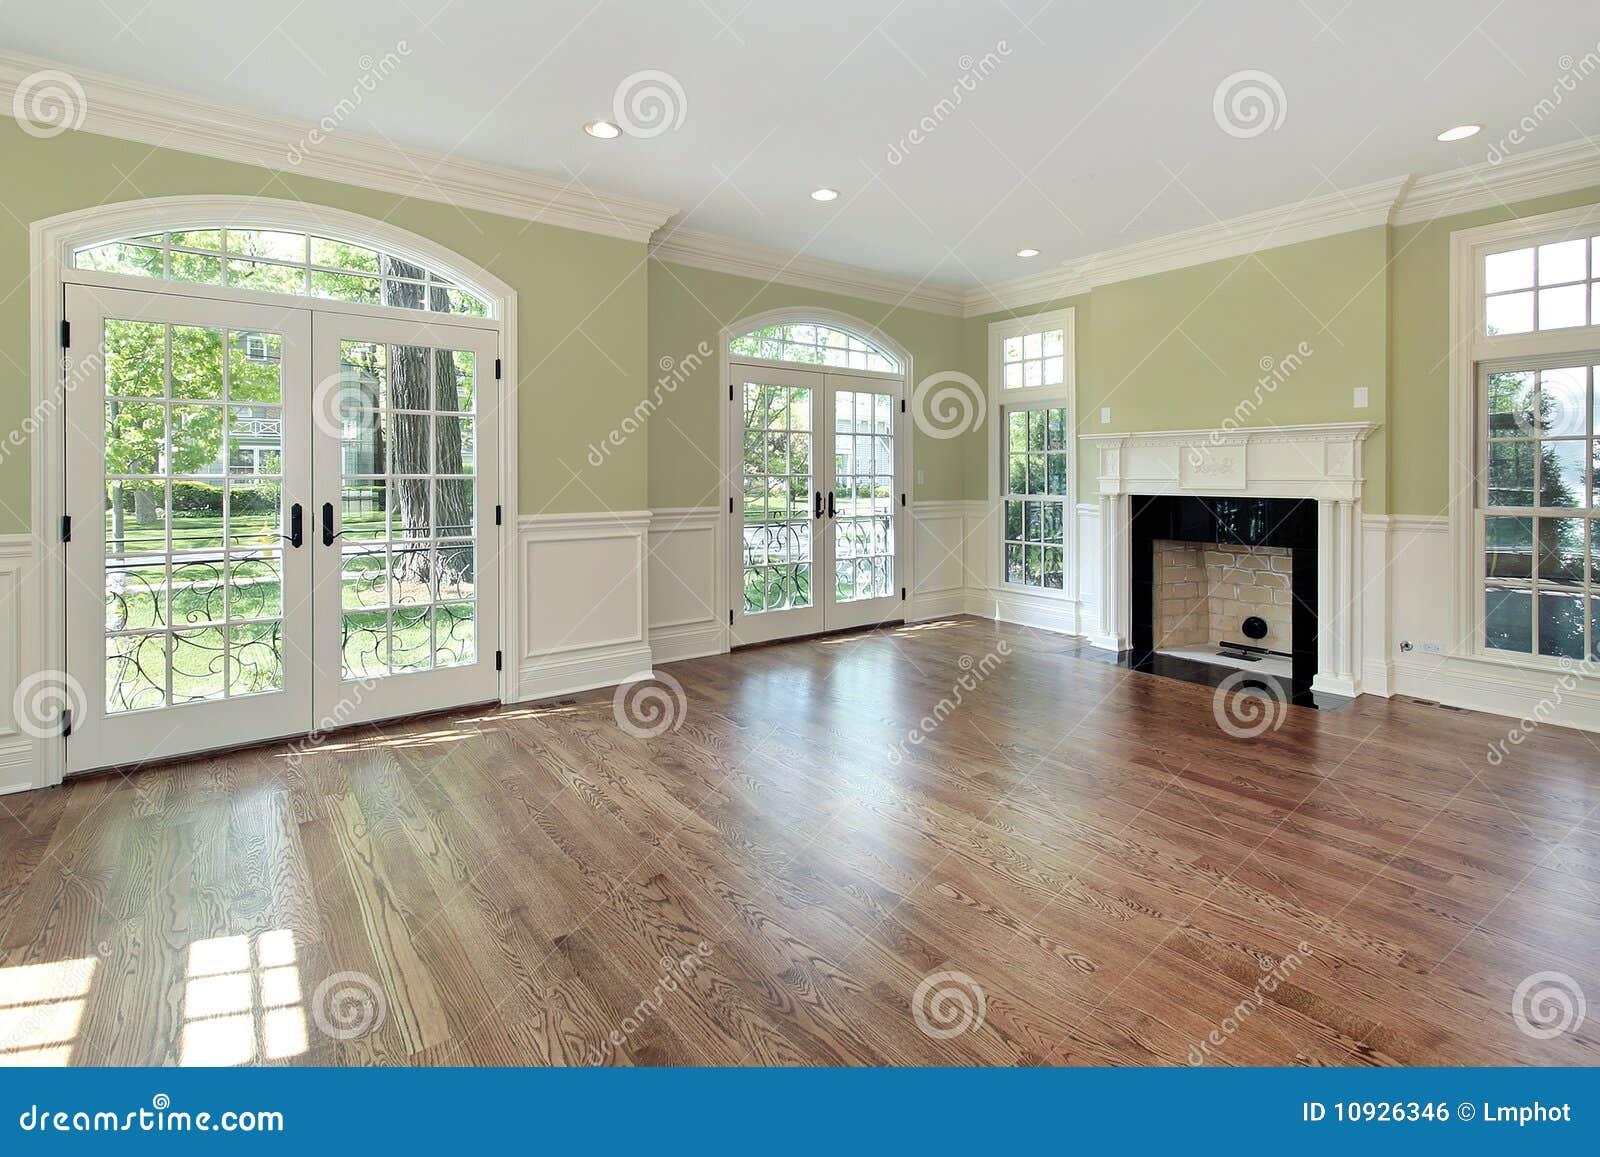 Woonkamer met groene muren stock foto. Afbeelding bestaande uit ...